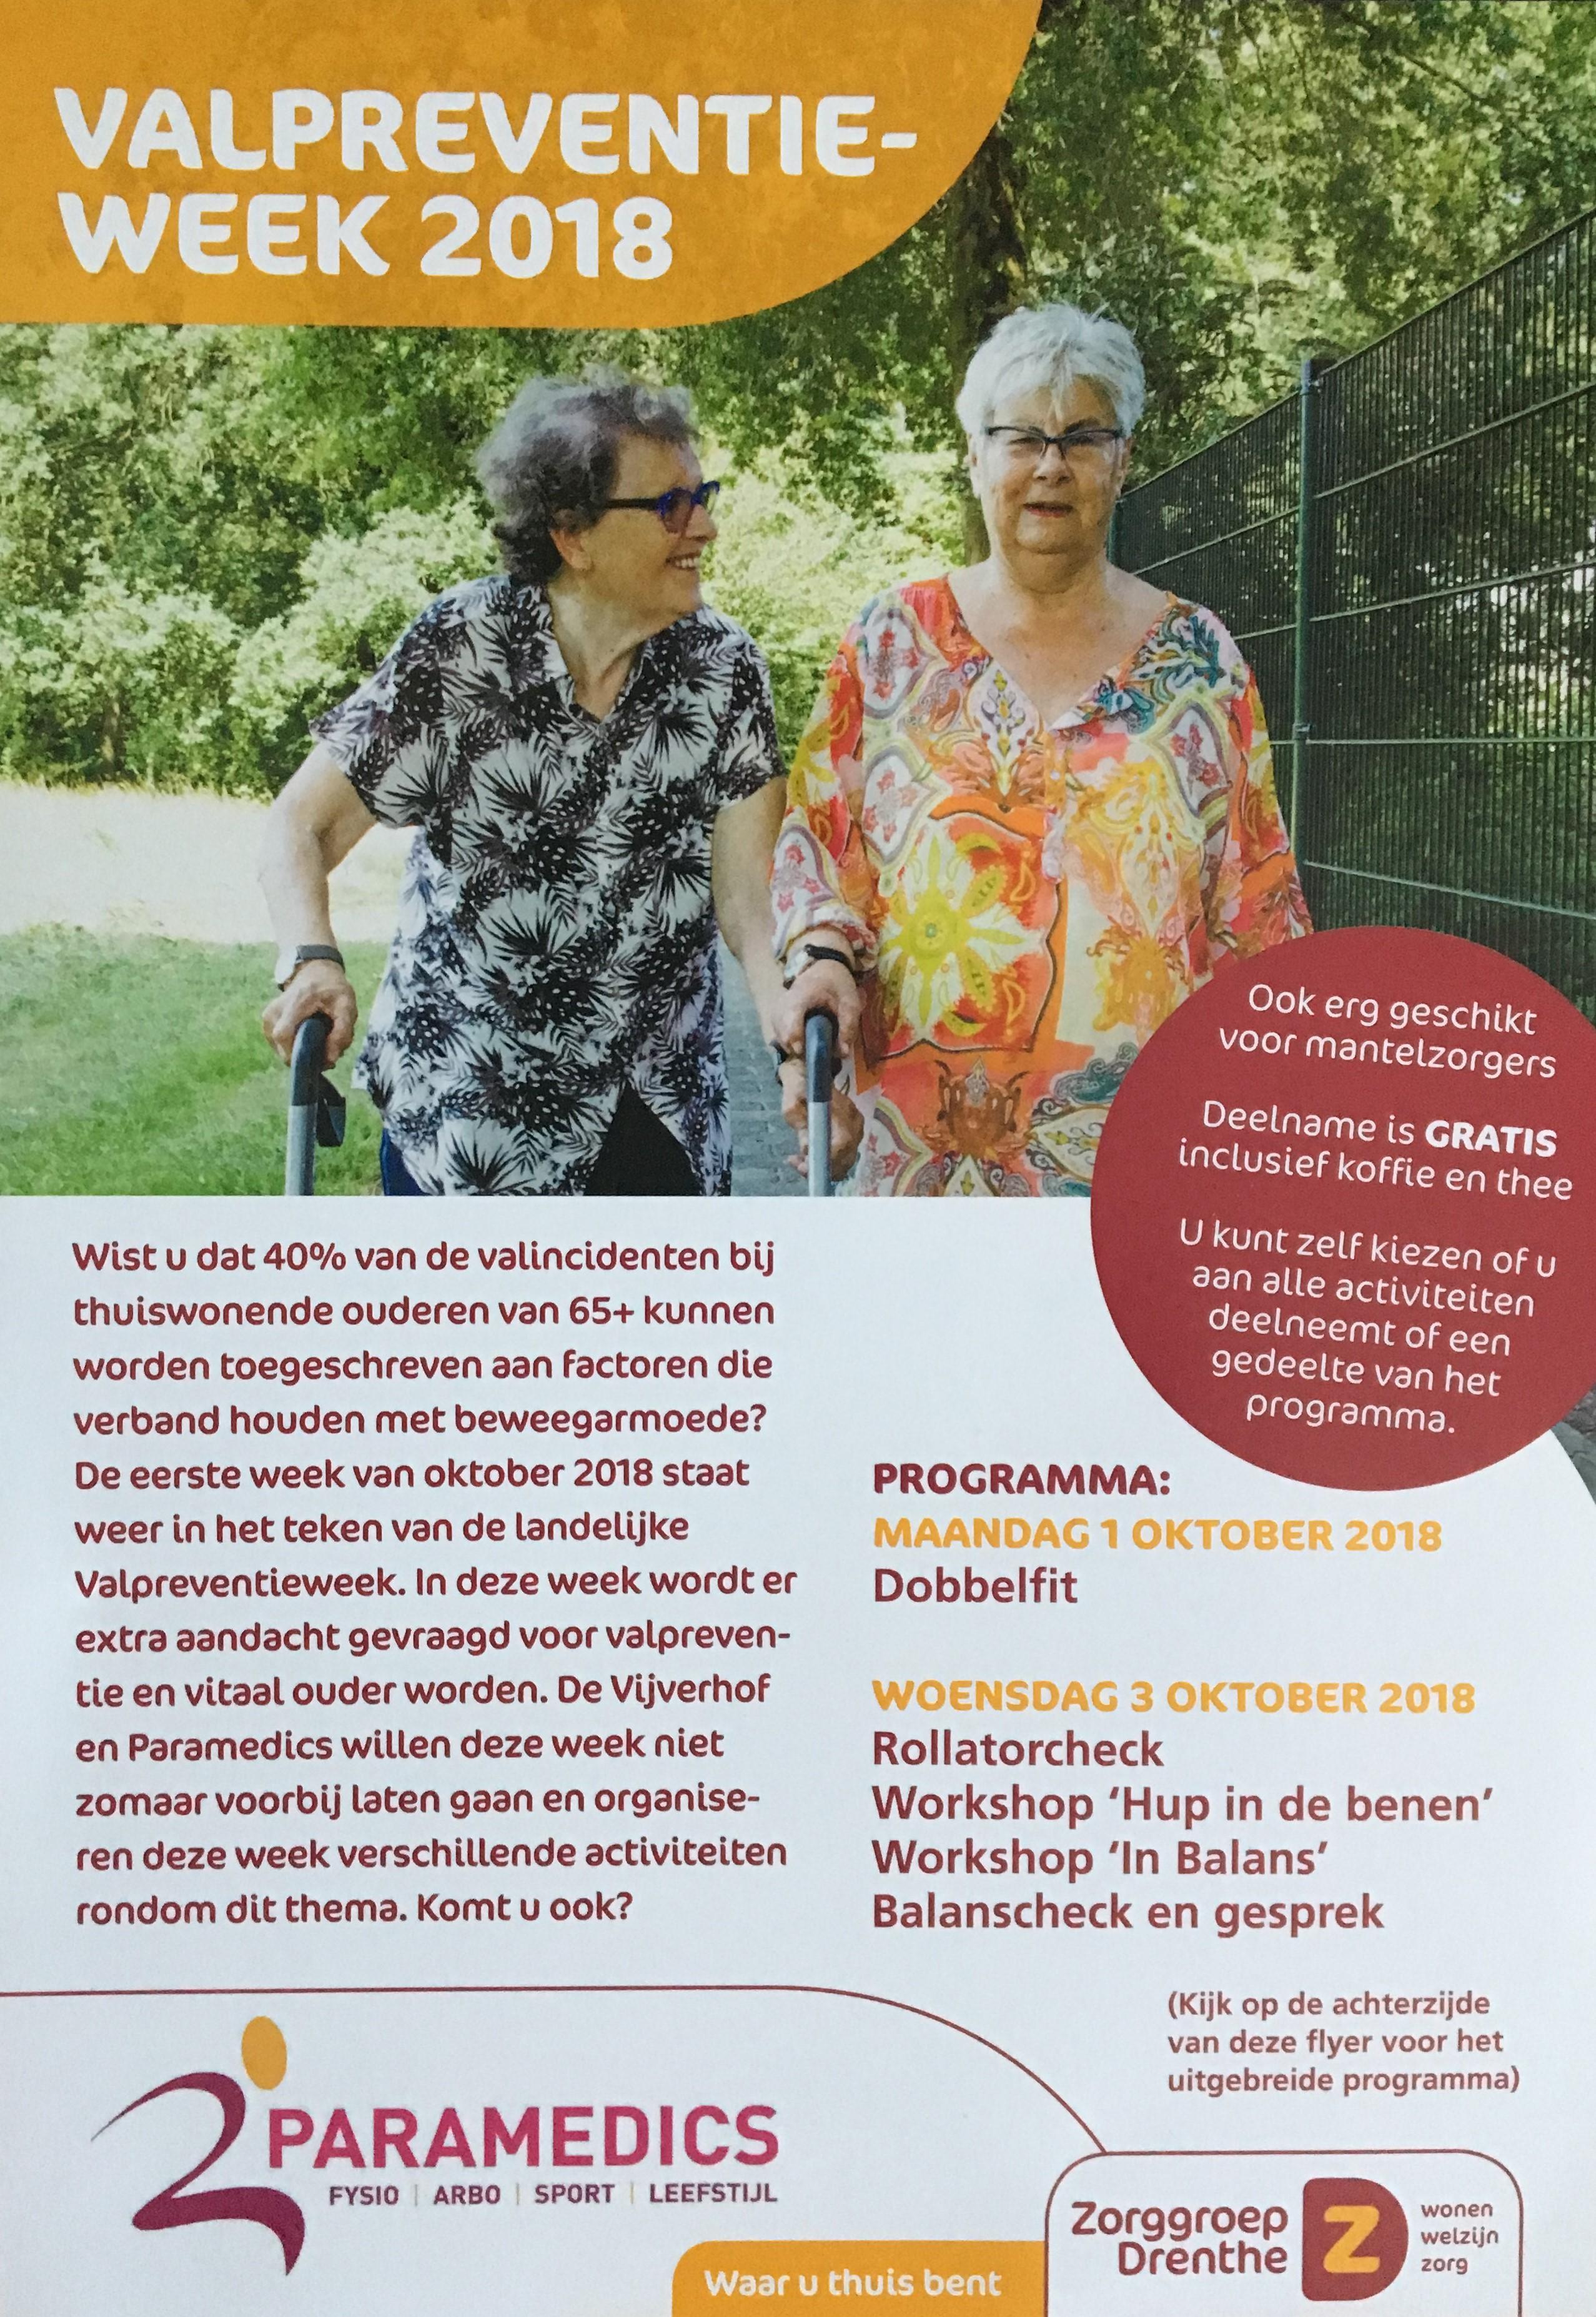 Valpreventieweek in samenwerking met Vijverhof in Assen- oost.